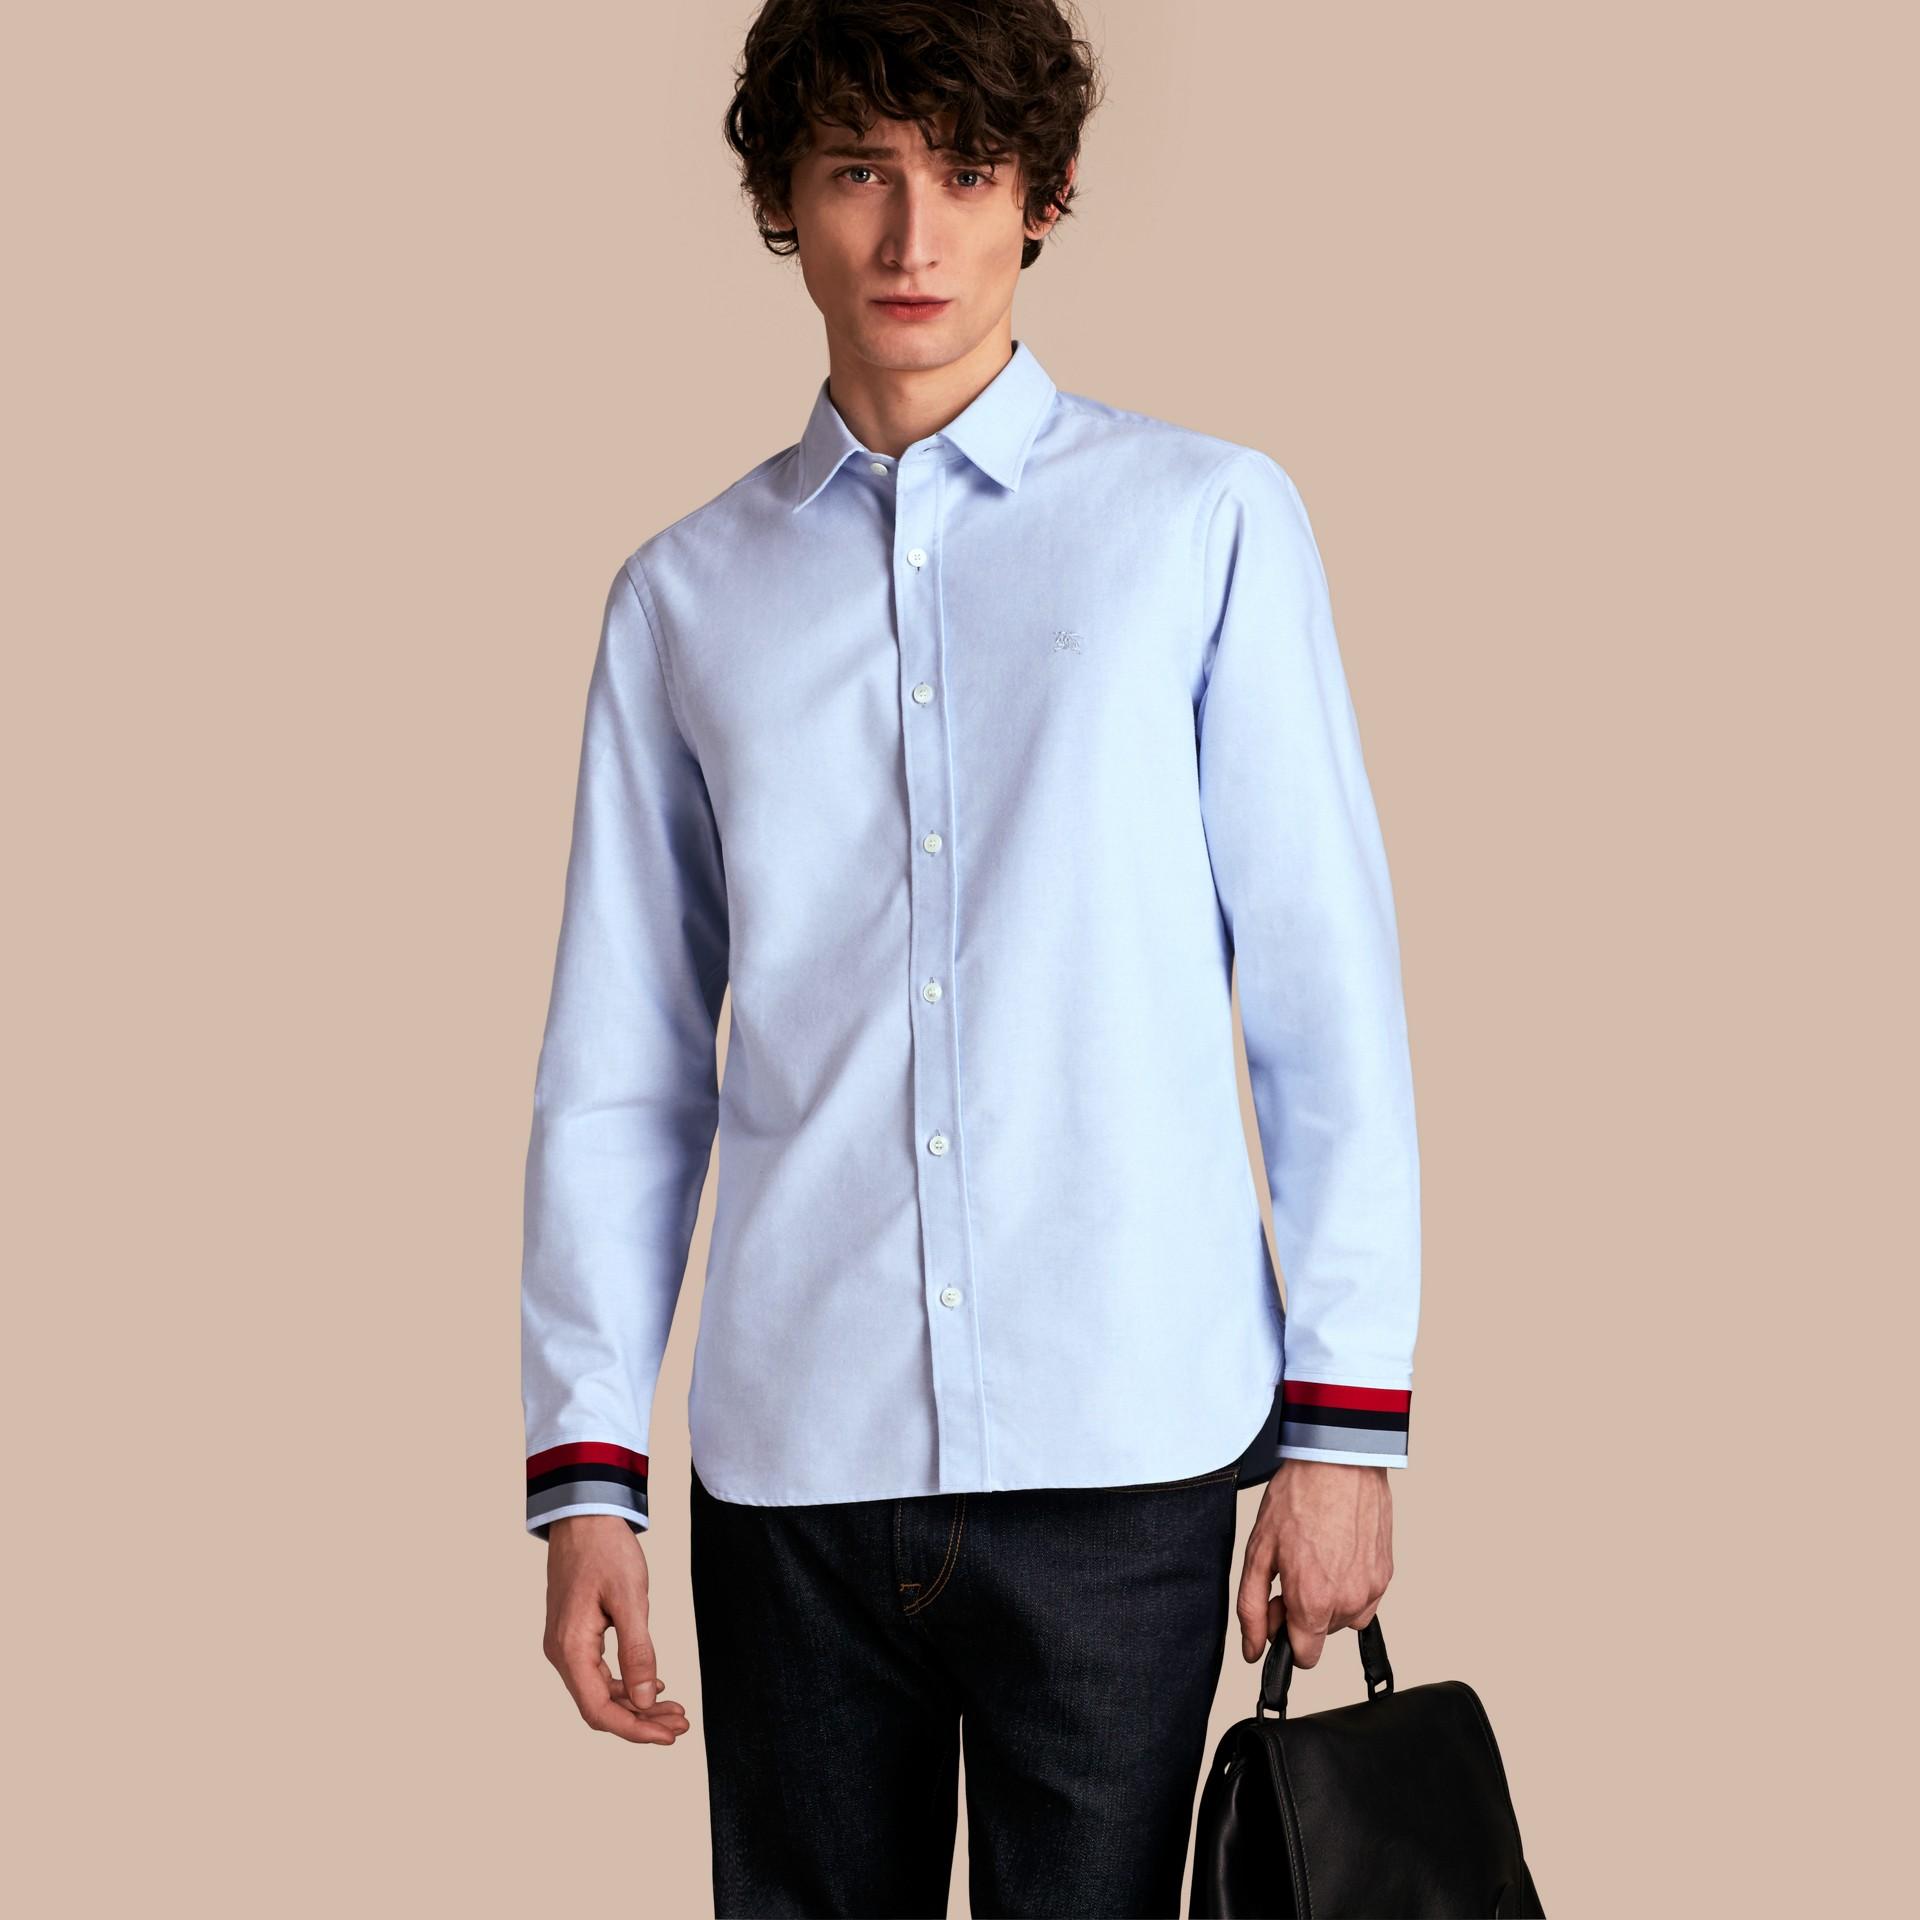 Oxford Cotton Shirt with Regimental Cuff Detail Cornflower Blue - gallery image 1